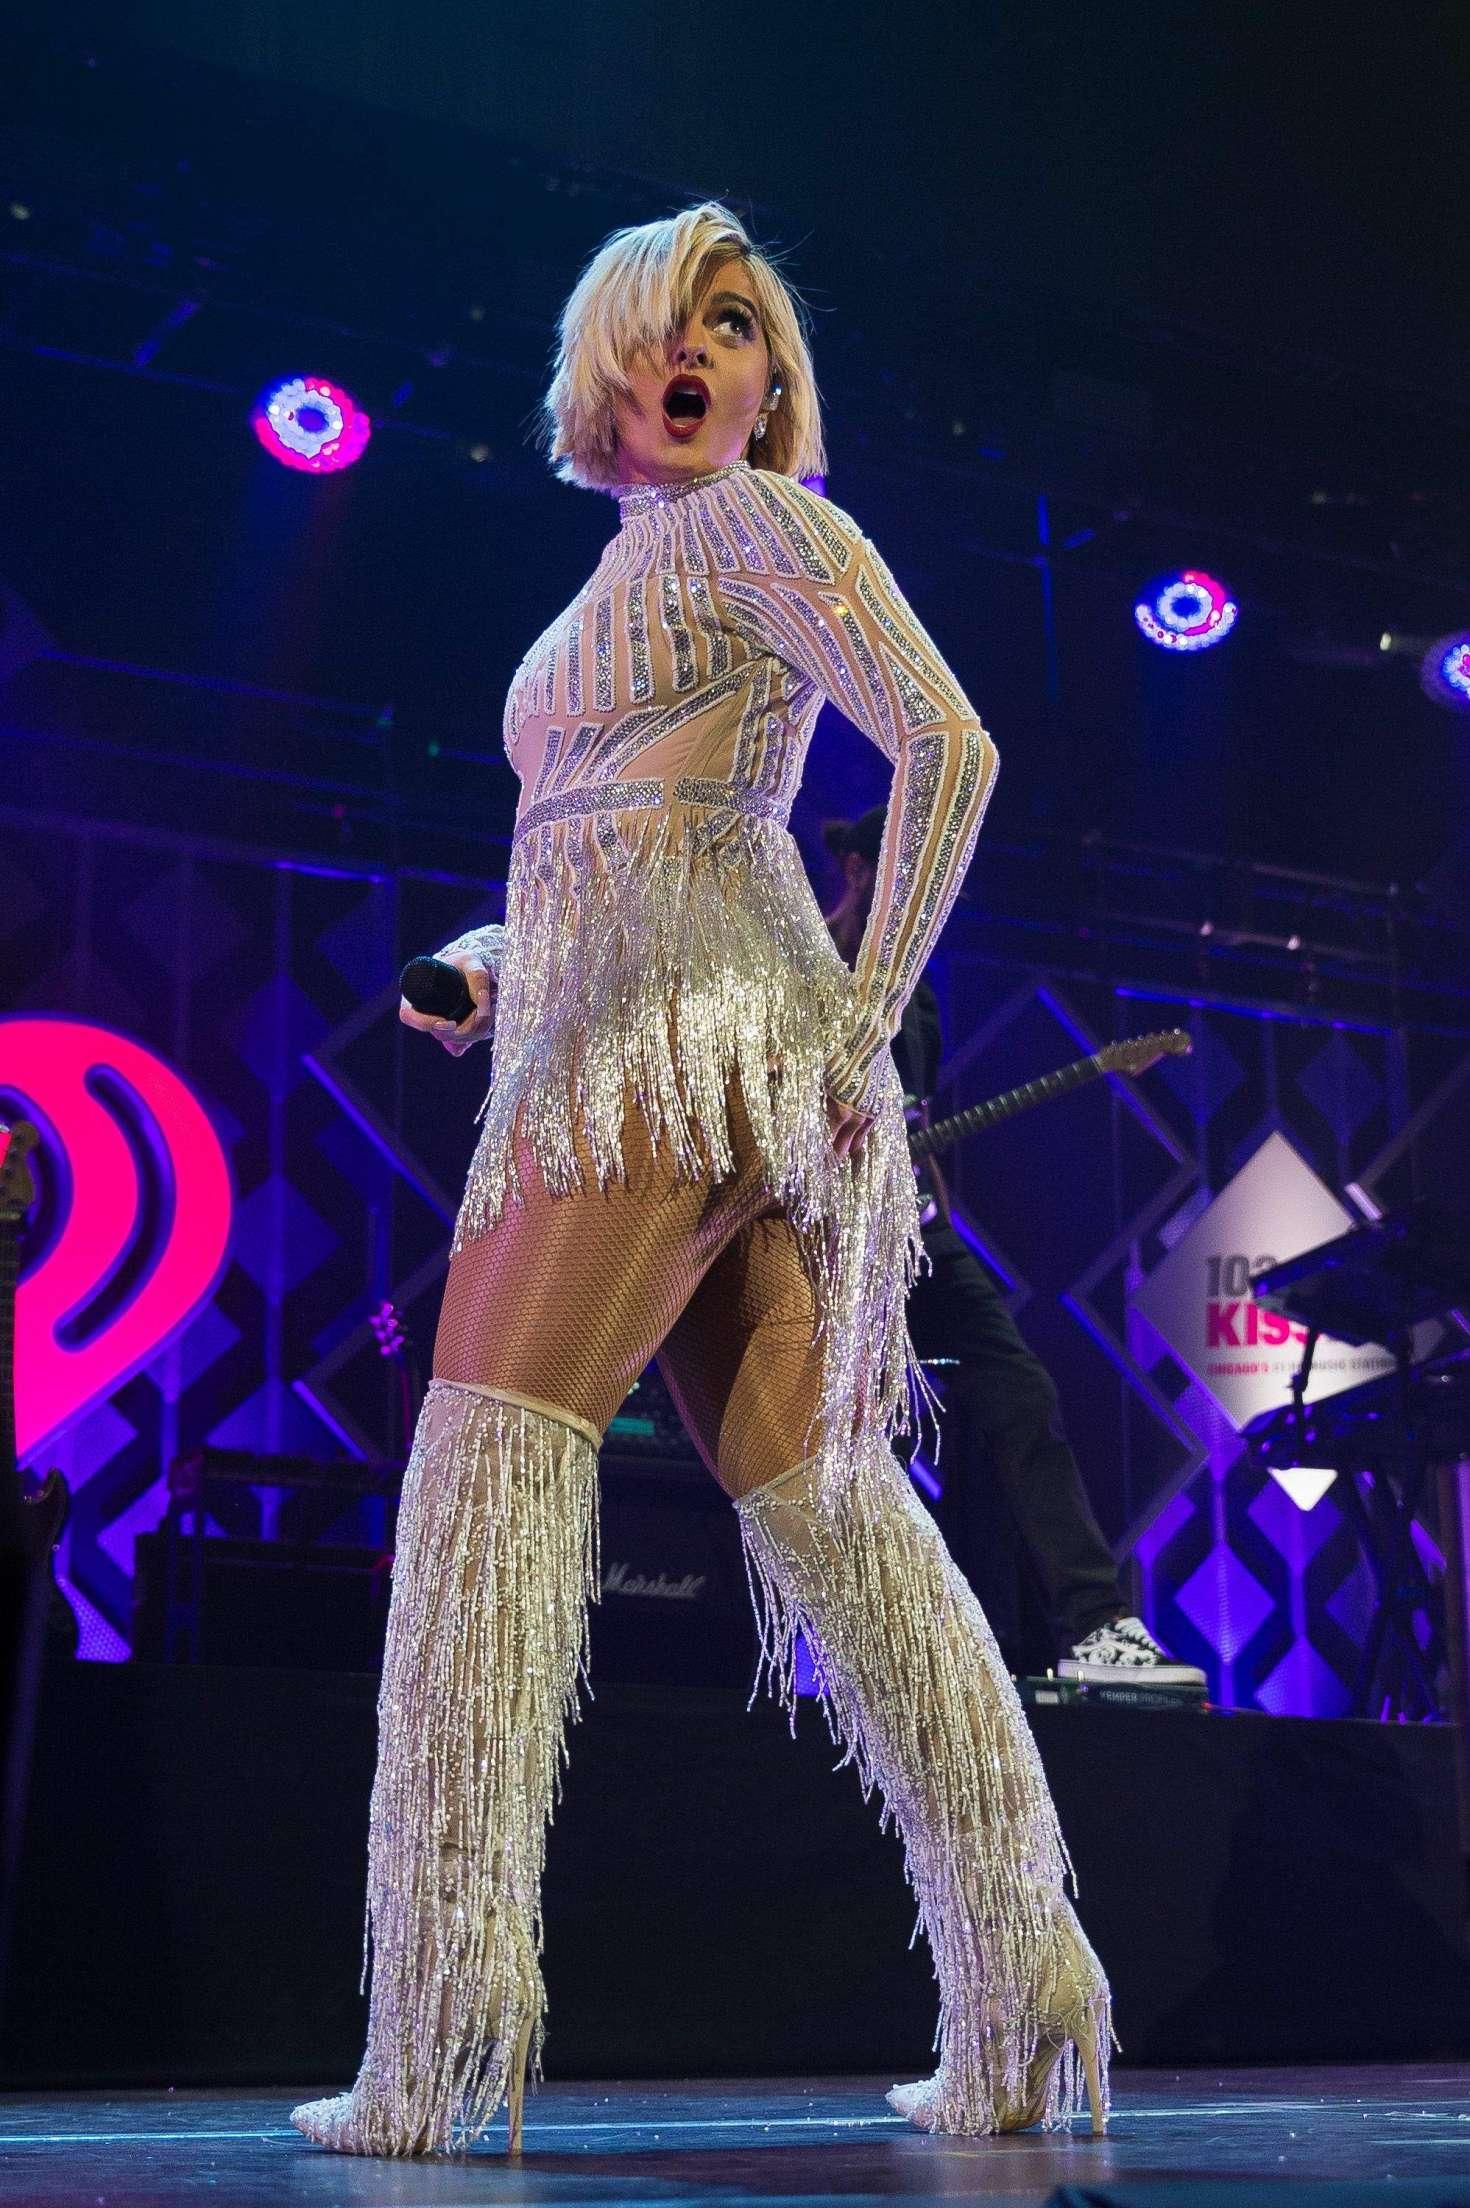 Bebe Rexha 2018 : Bebe Rexha: 103.5 KISS FMs Chicago Jingle Ball -07